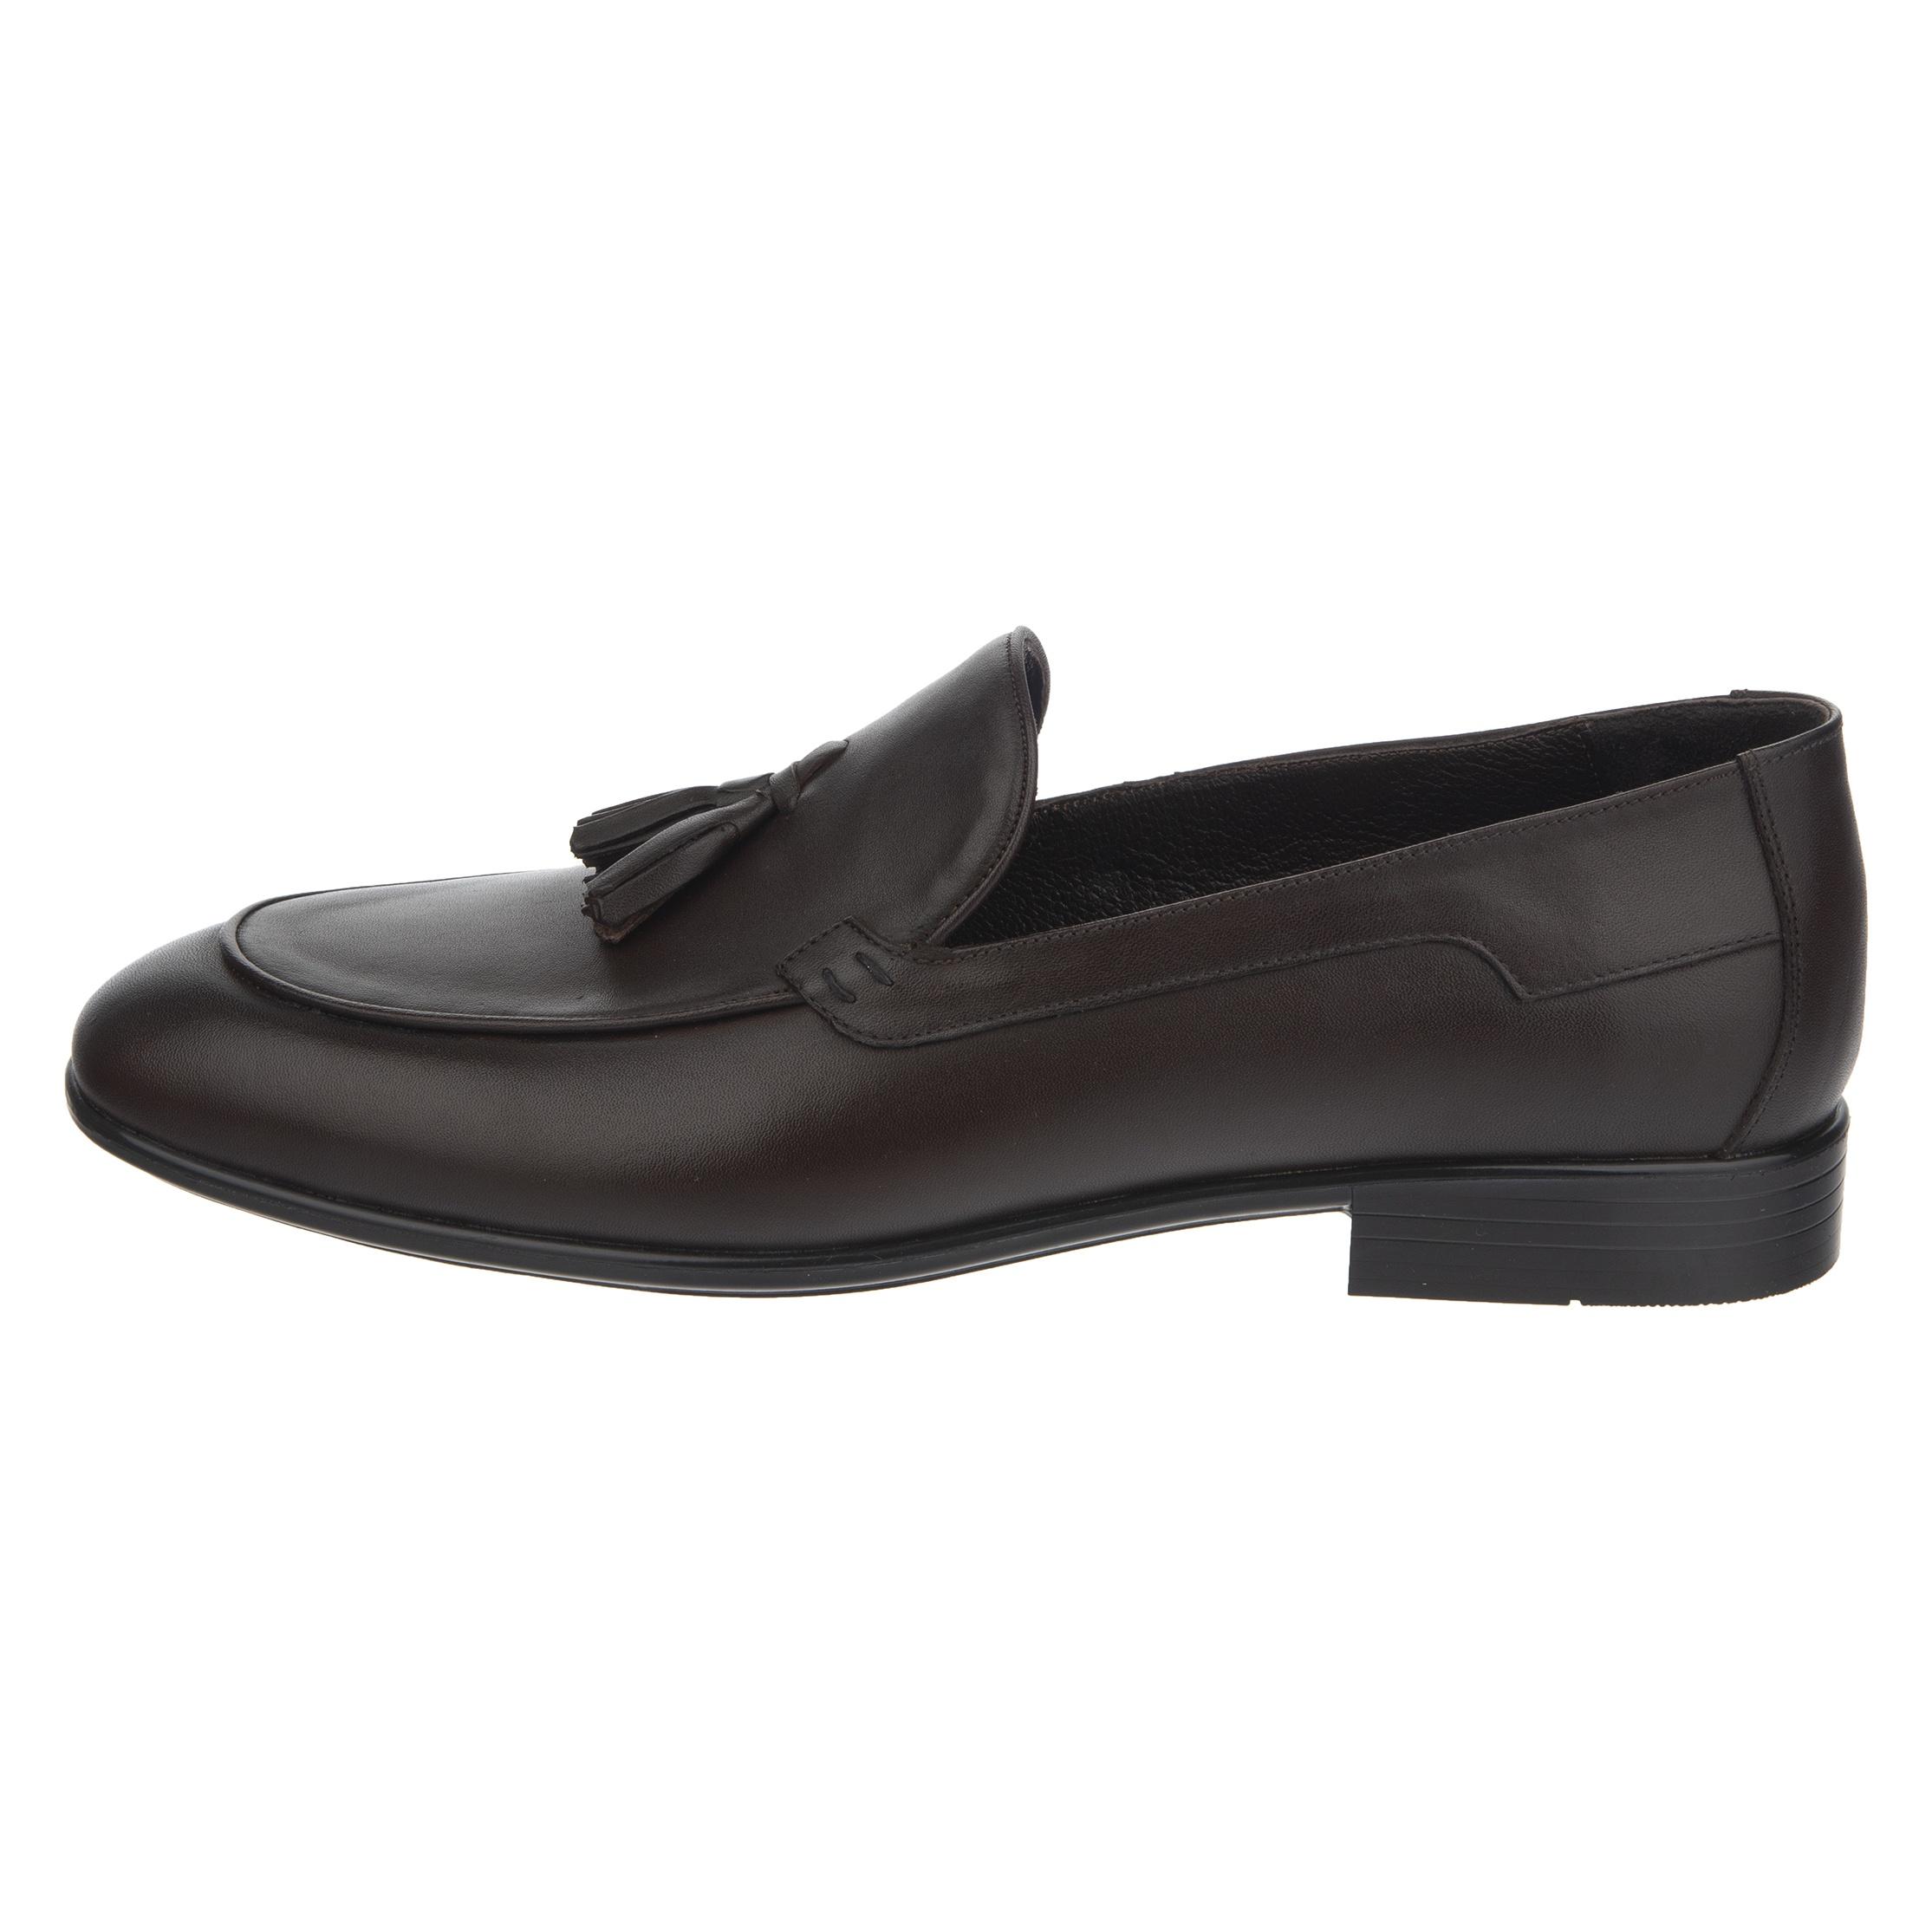 کفش مردانه گاندو مدل 720-36